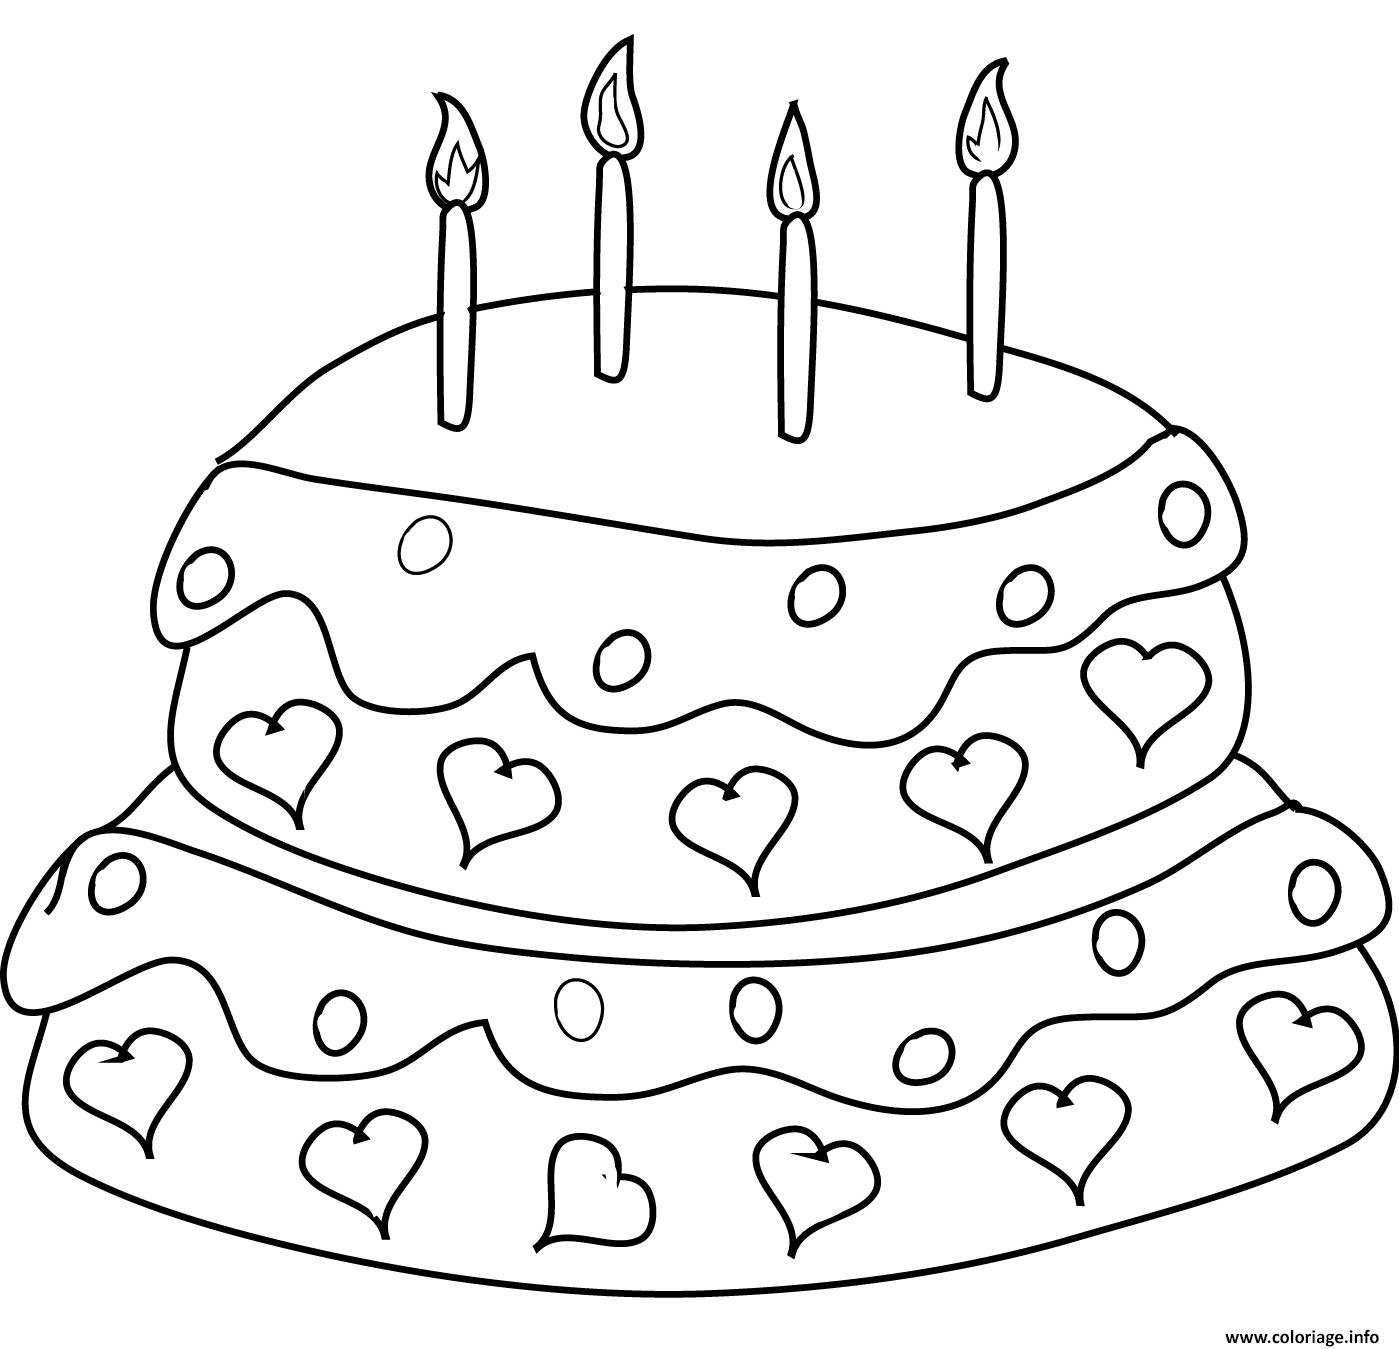 Coloriage gateau anniversaire avec 32 chandelles et des coeurs ...